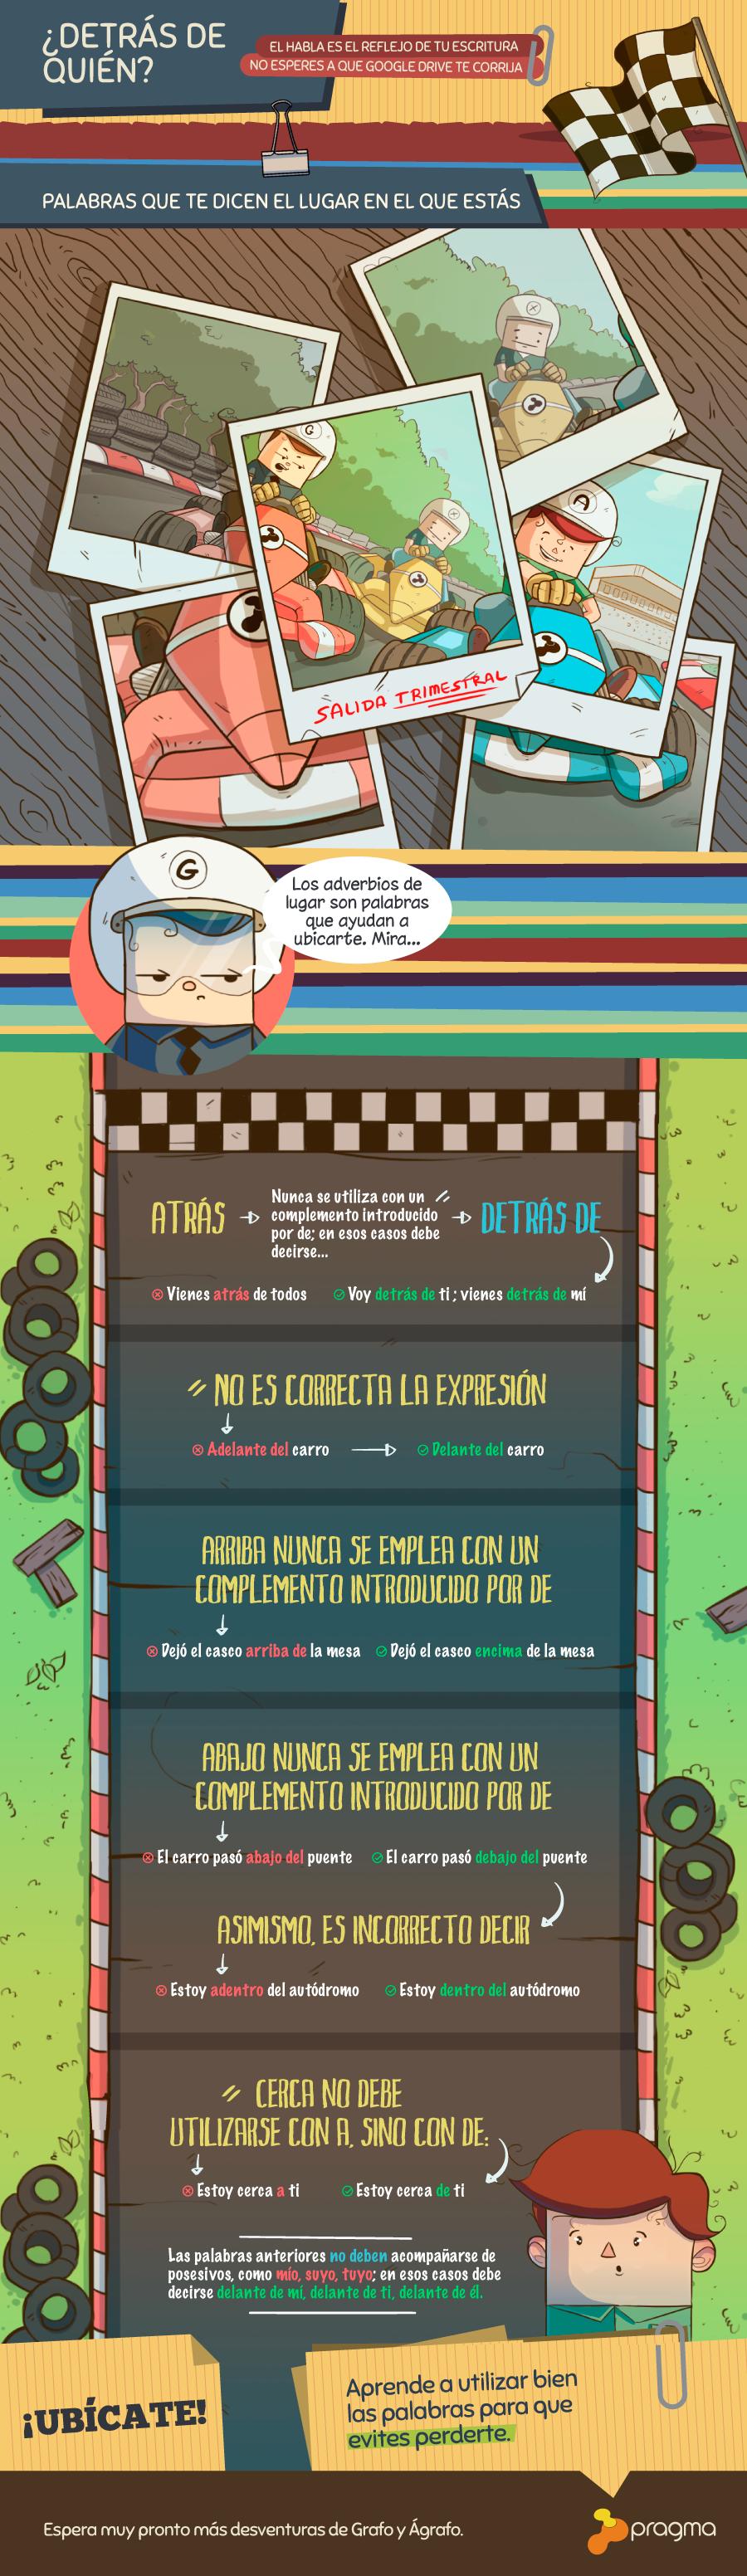 adverbios de lugar infográfico